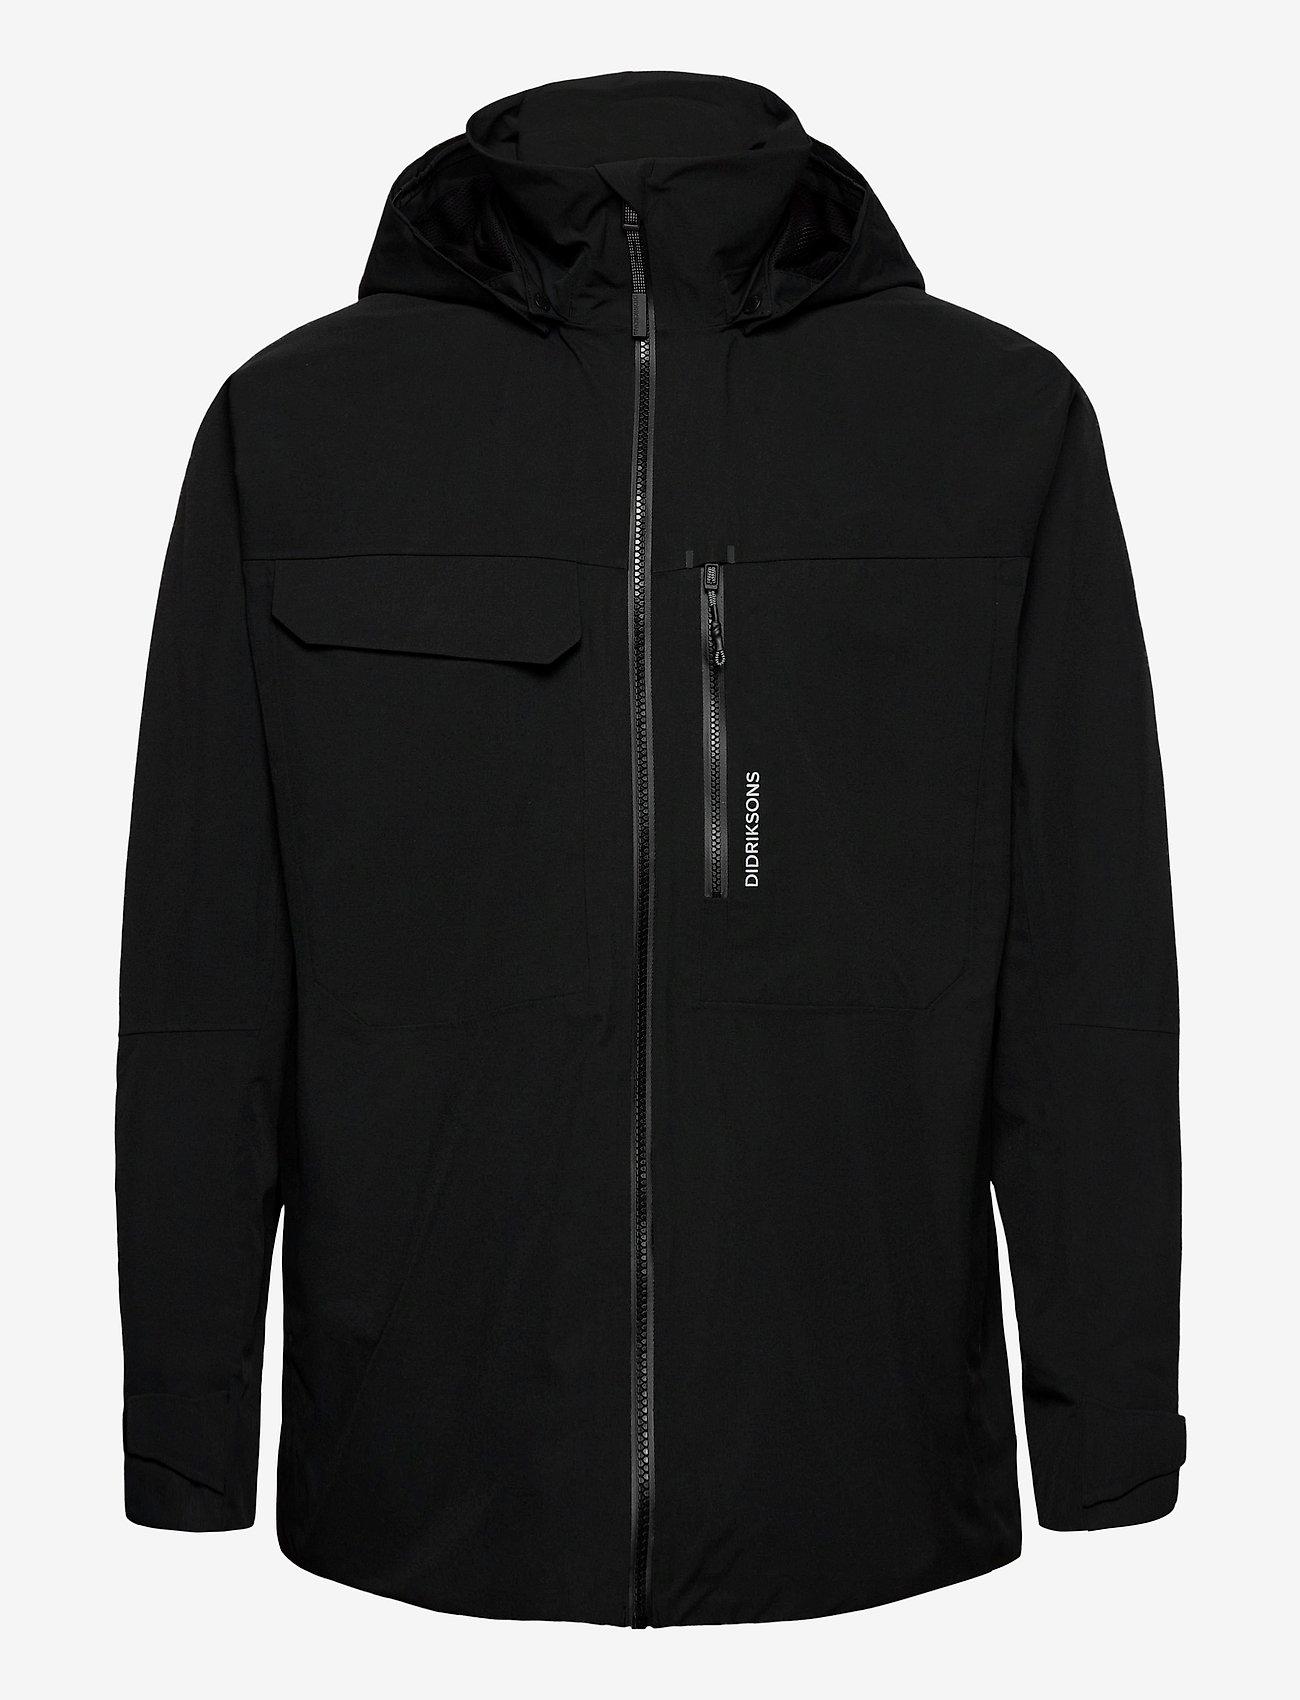 Didriksons - ASTON USX JKT - manteaux de pluie - black - 1